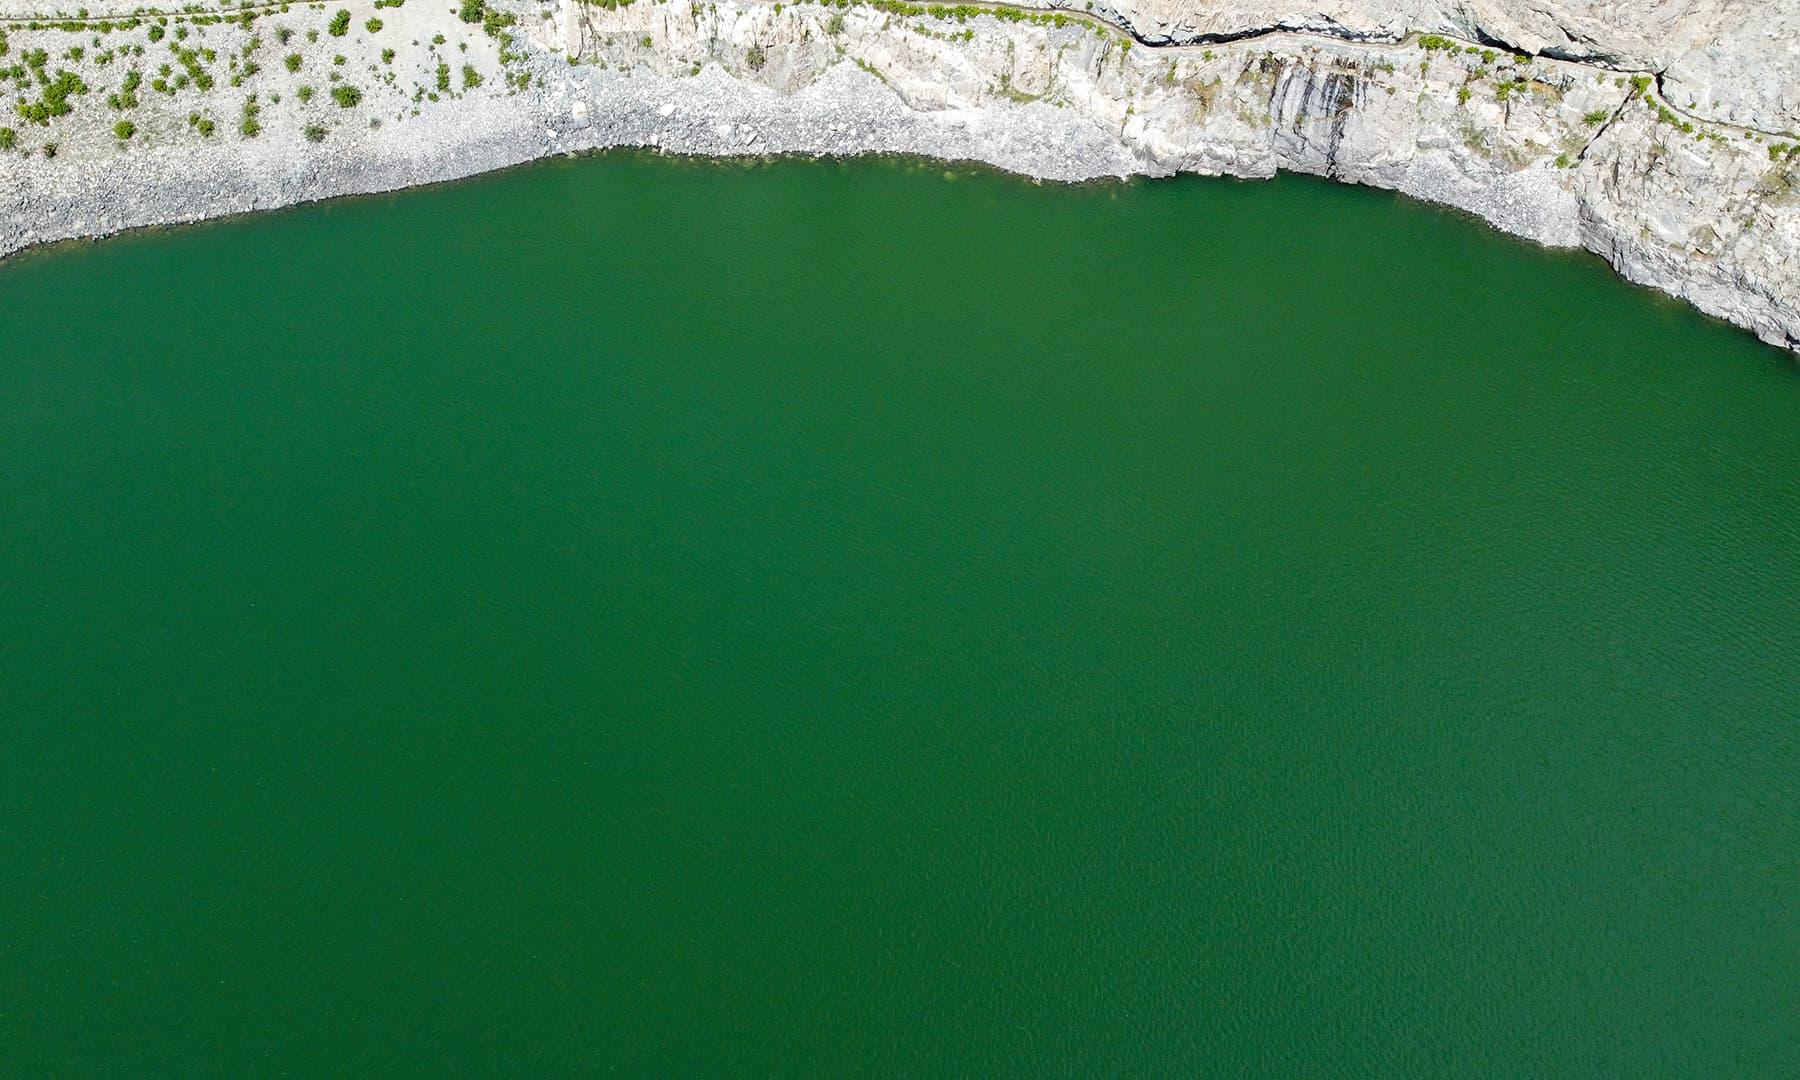 خرفق جھیل کی اونچائی 10 ہزار فٹ ہے